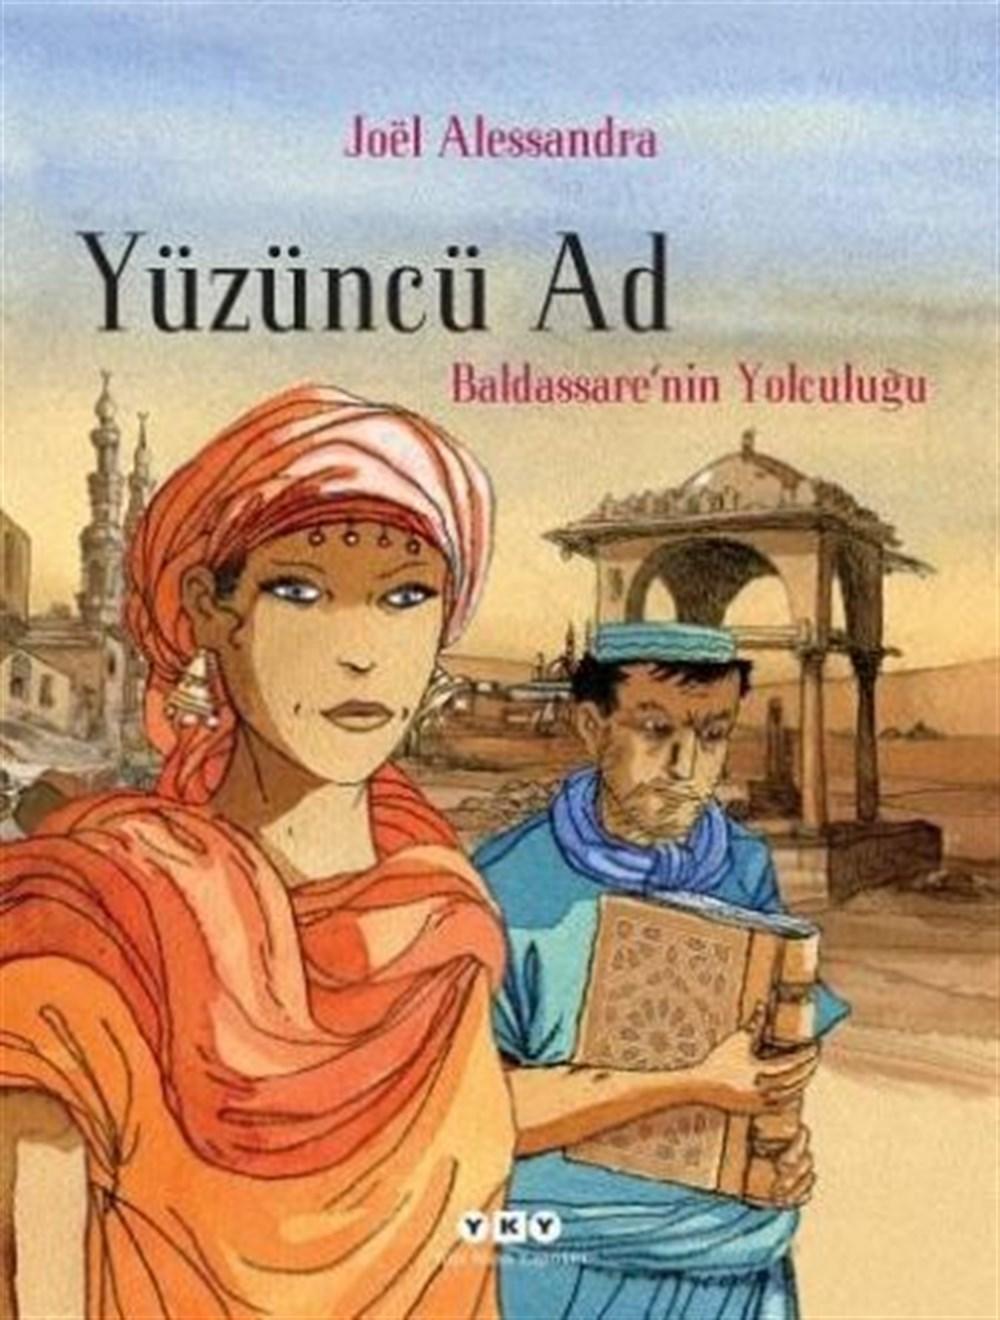 Yüzüncü Ad Cilt 1-Baldassarenin Yolculuğu